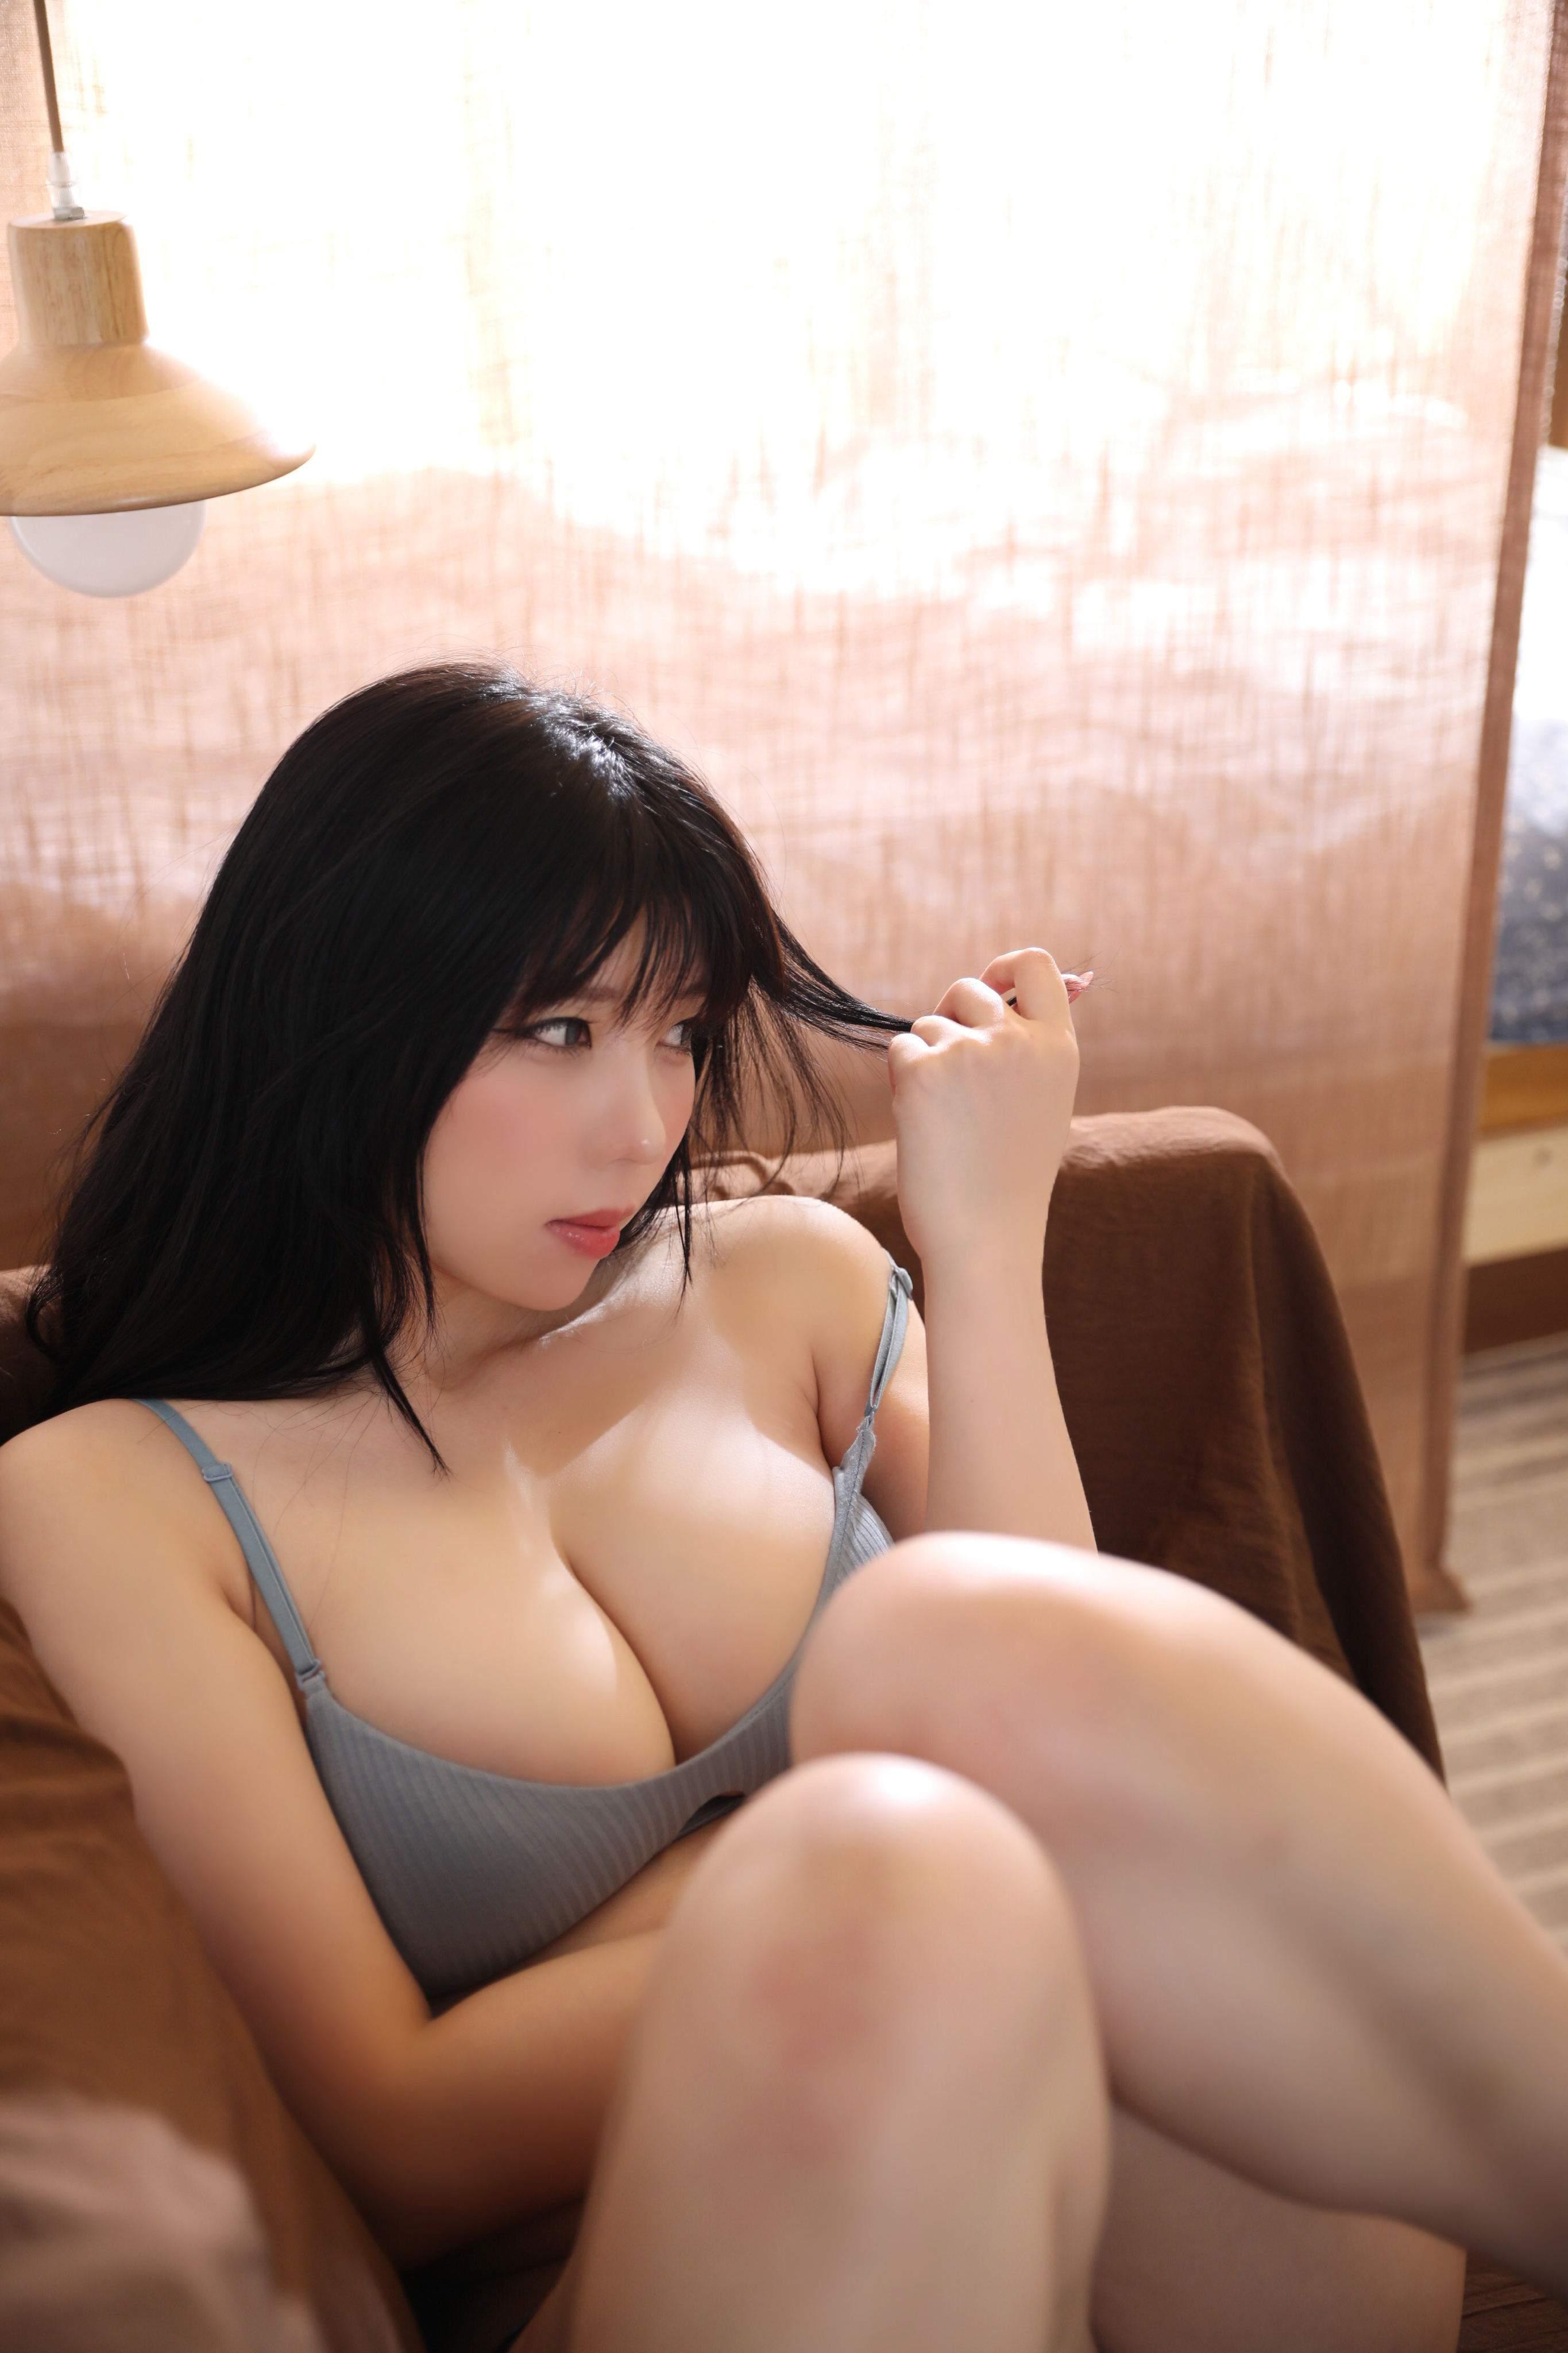 鹿野希  土曜日の彼女 95枚电子版 COS-第1张